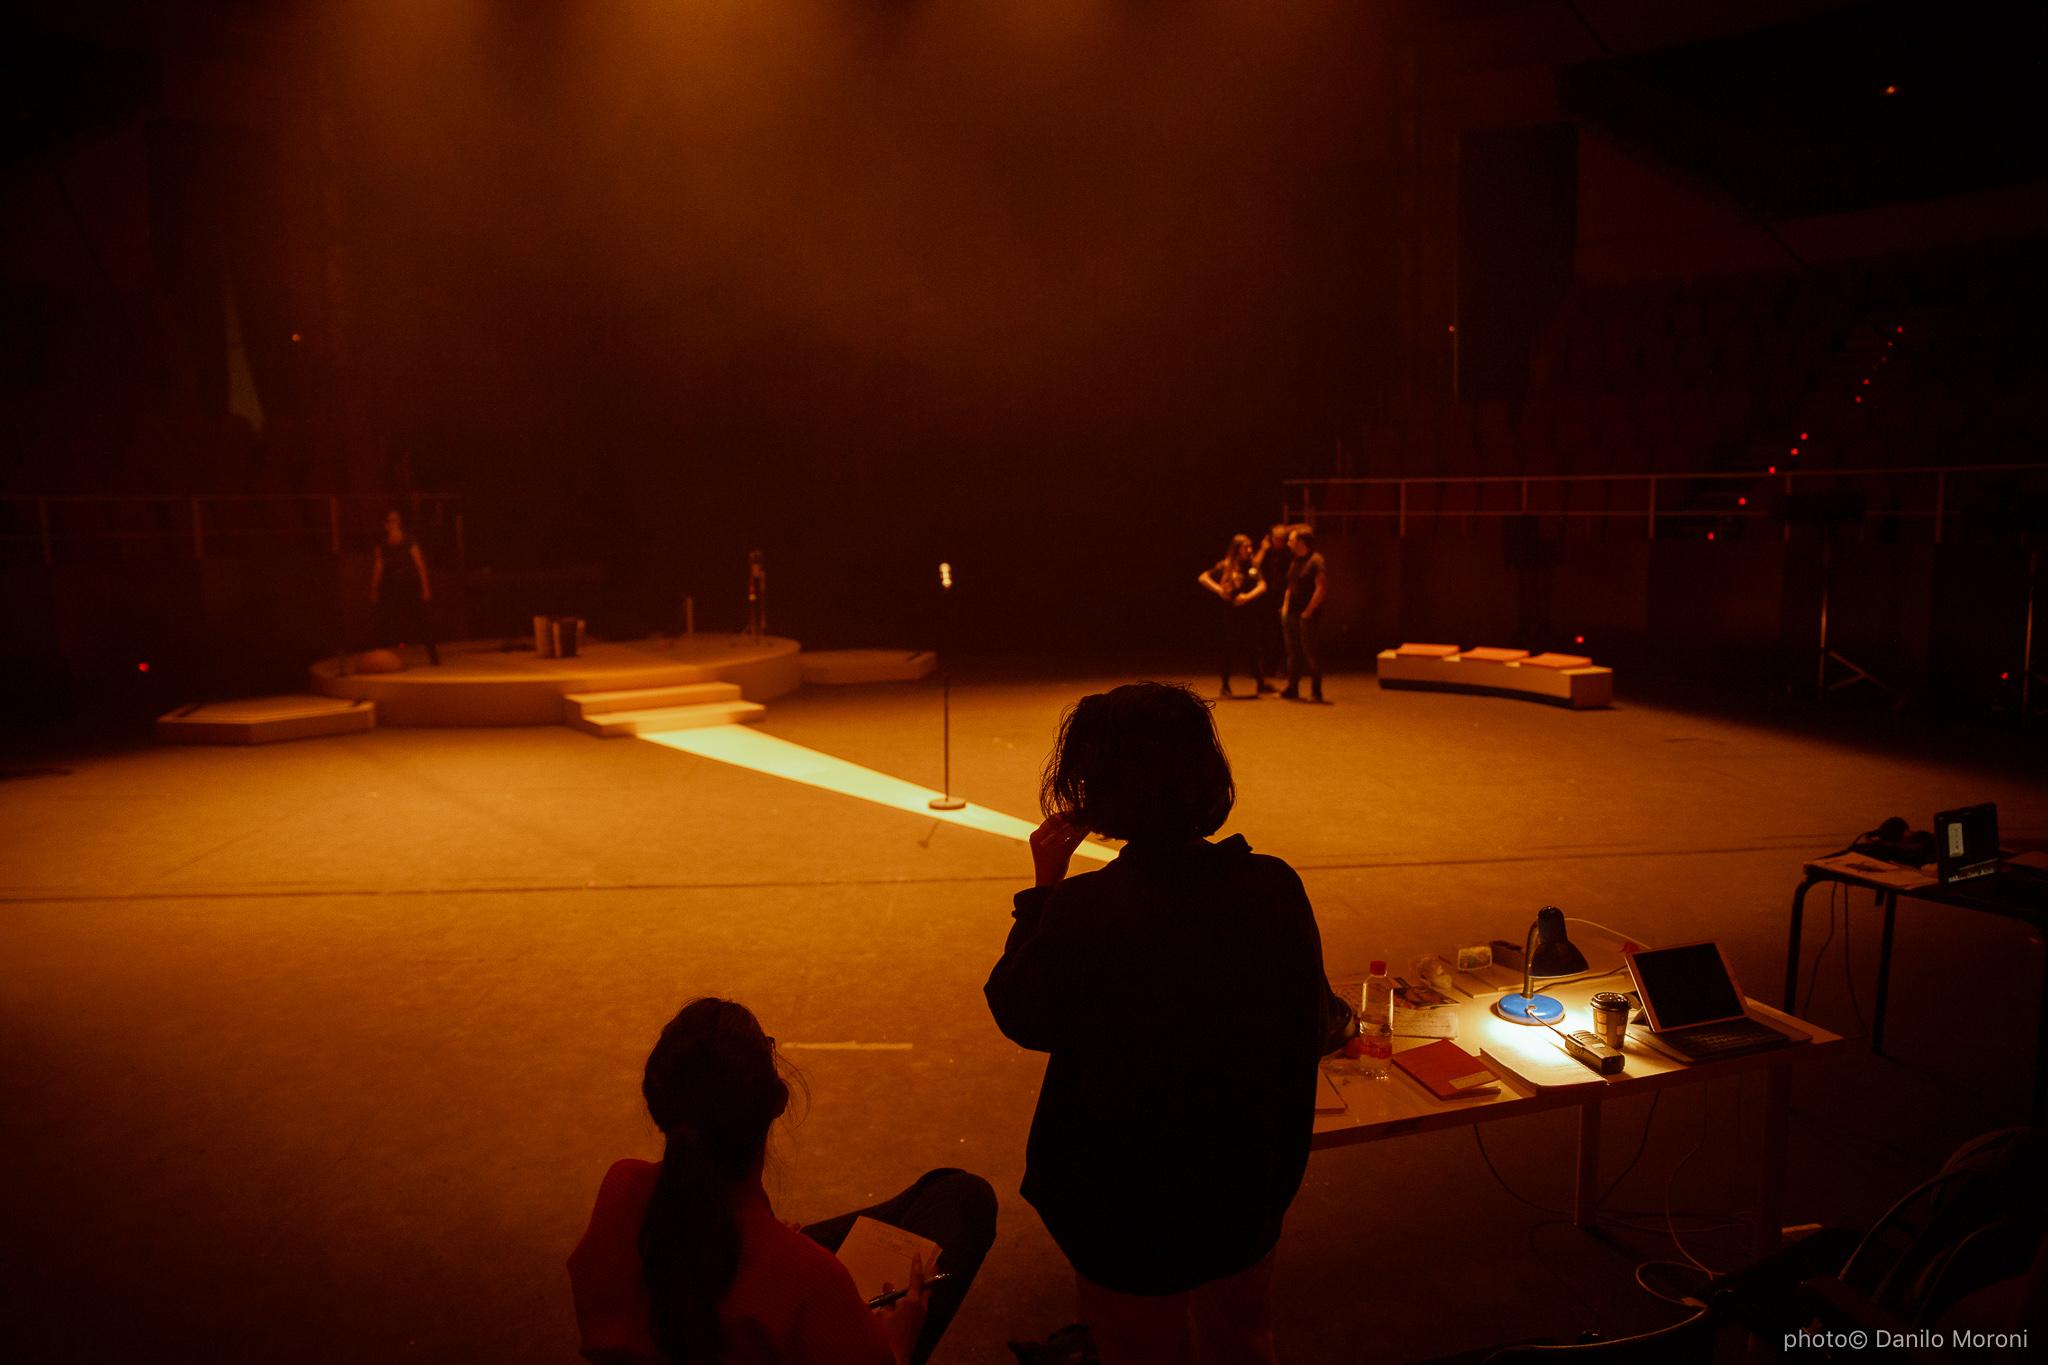 Teatro-en-vilo-Circo-Price-Miss-Mara-photo-Danilo-Moroni-521-Edit.jpg